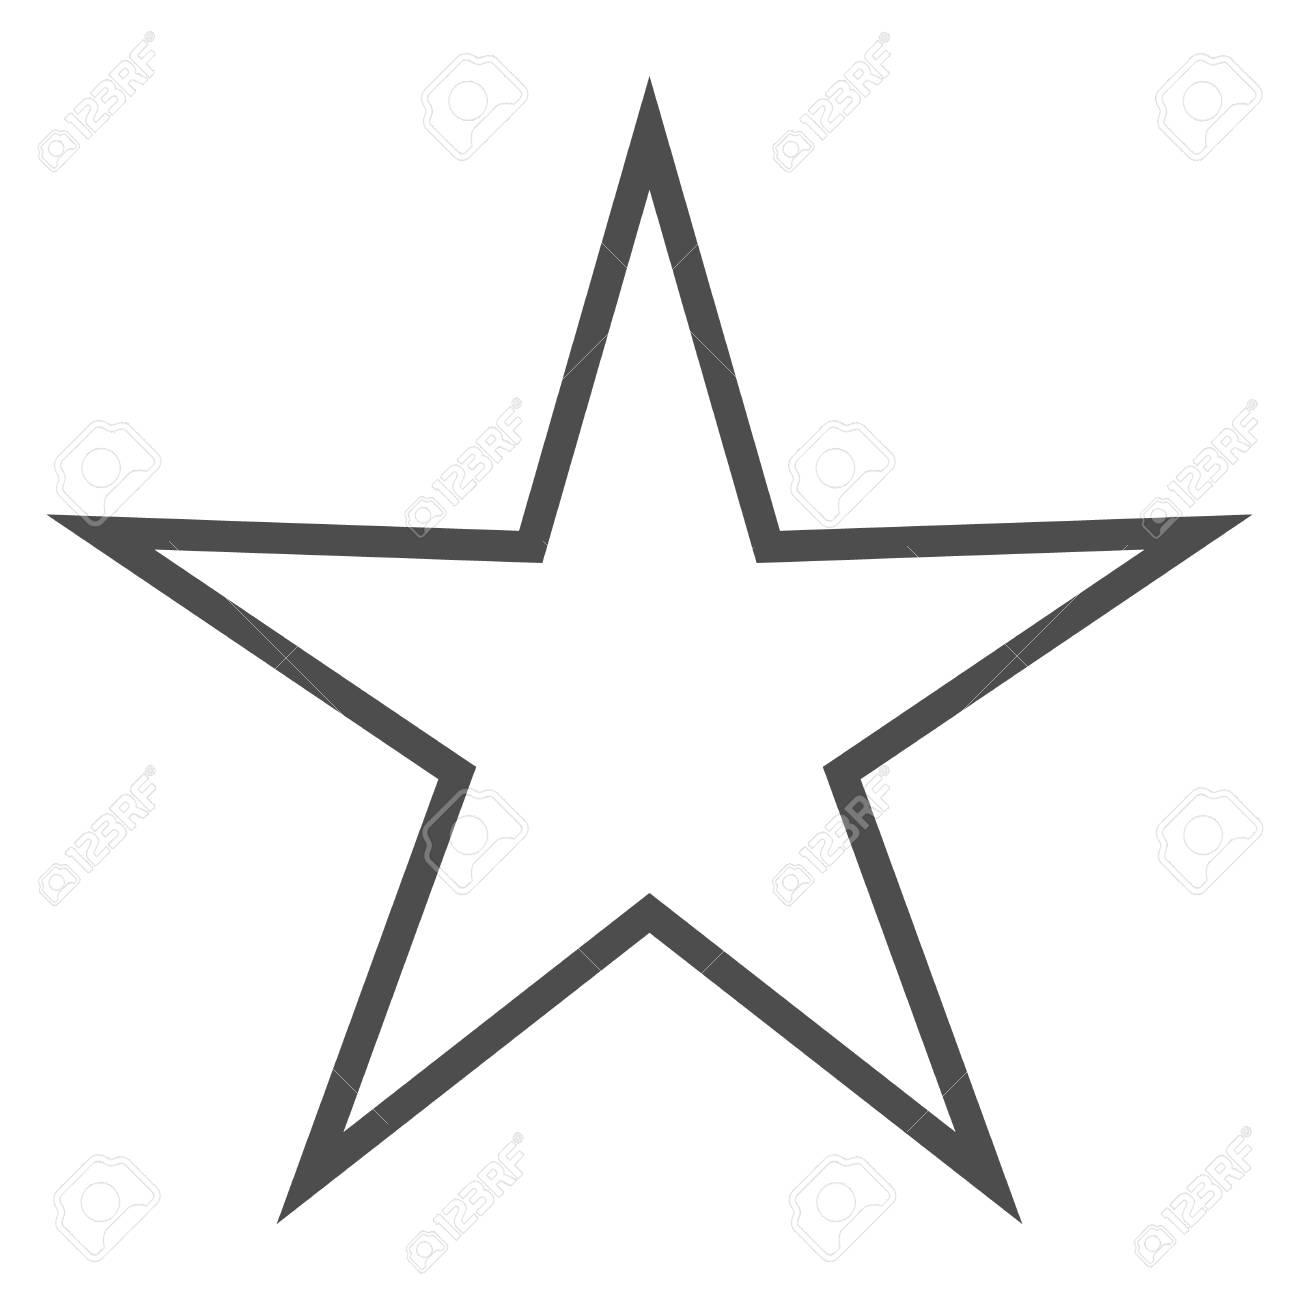 Icône étoile Grise Et Noire Isolée Marque De Classement Signe Favori Moderne Simple Symbole De Décoration Pour La Conception De Site Web Bouton